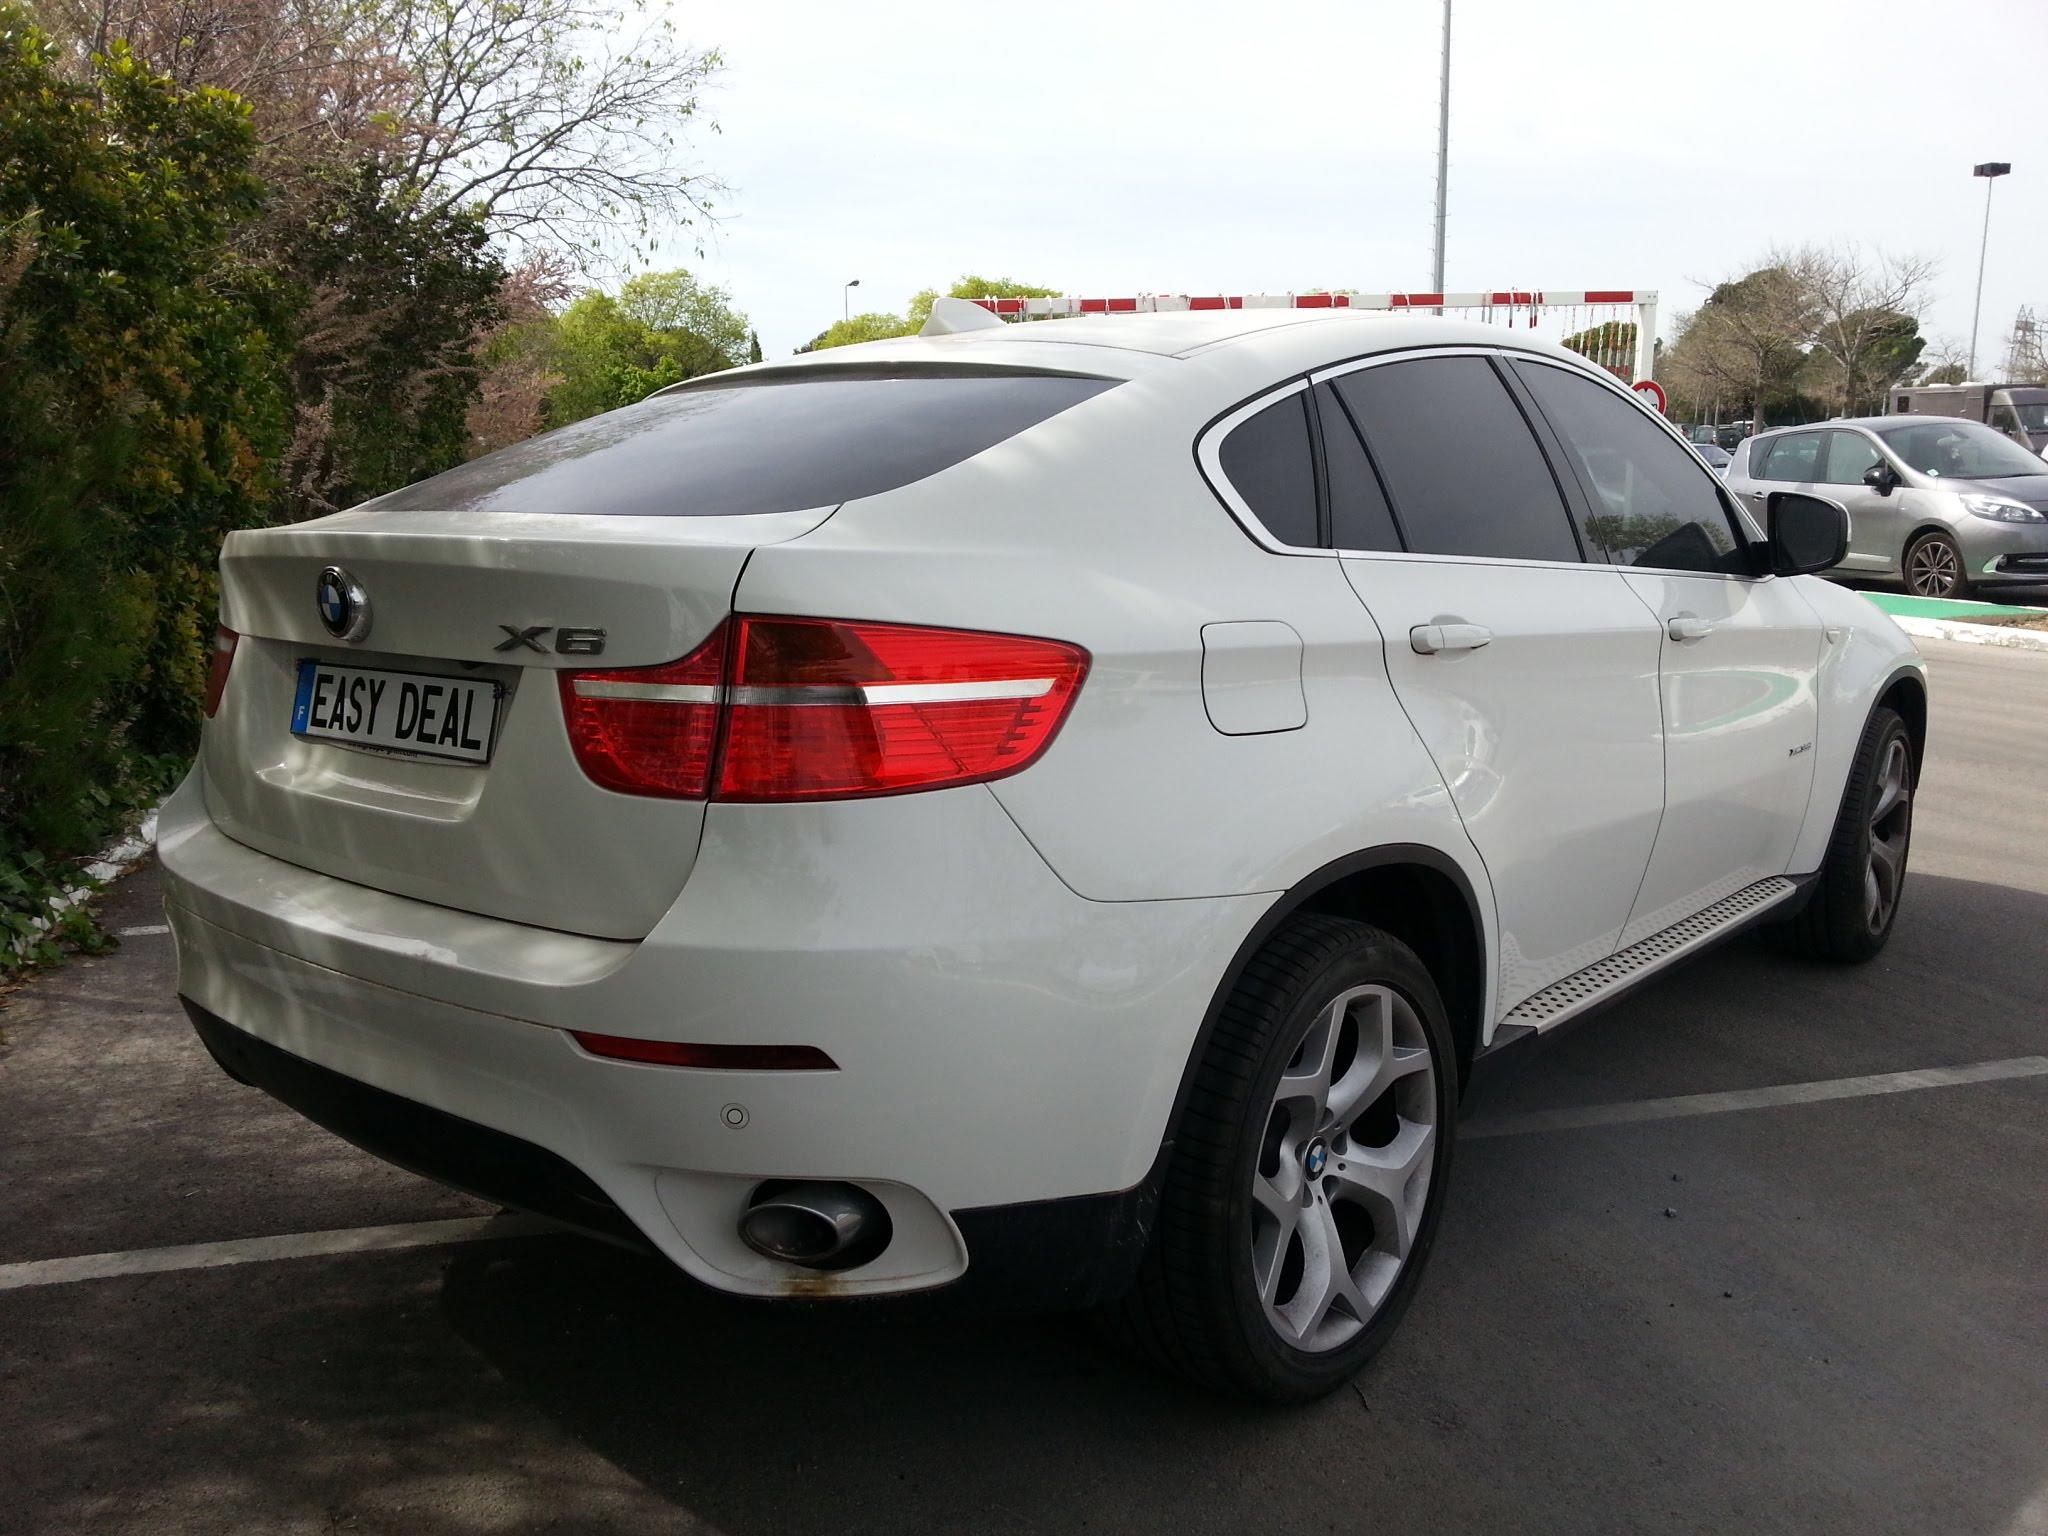 x6 bmw blanc